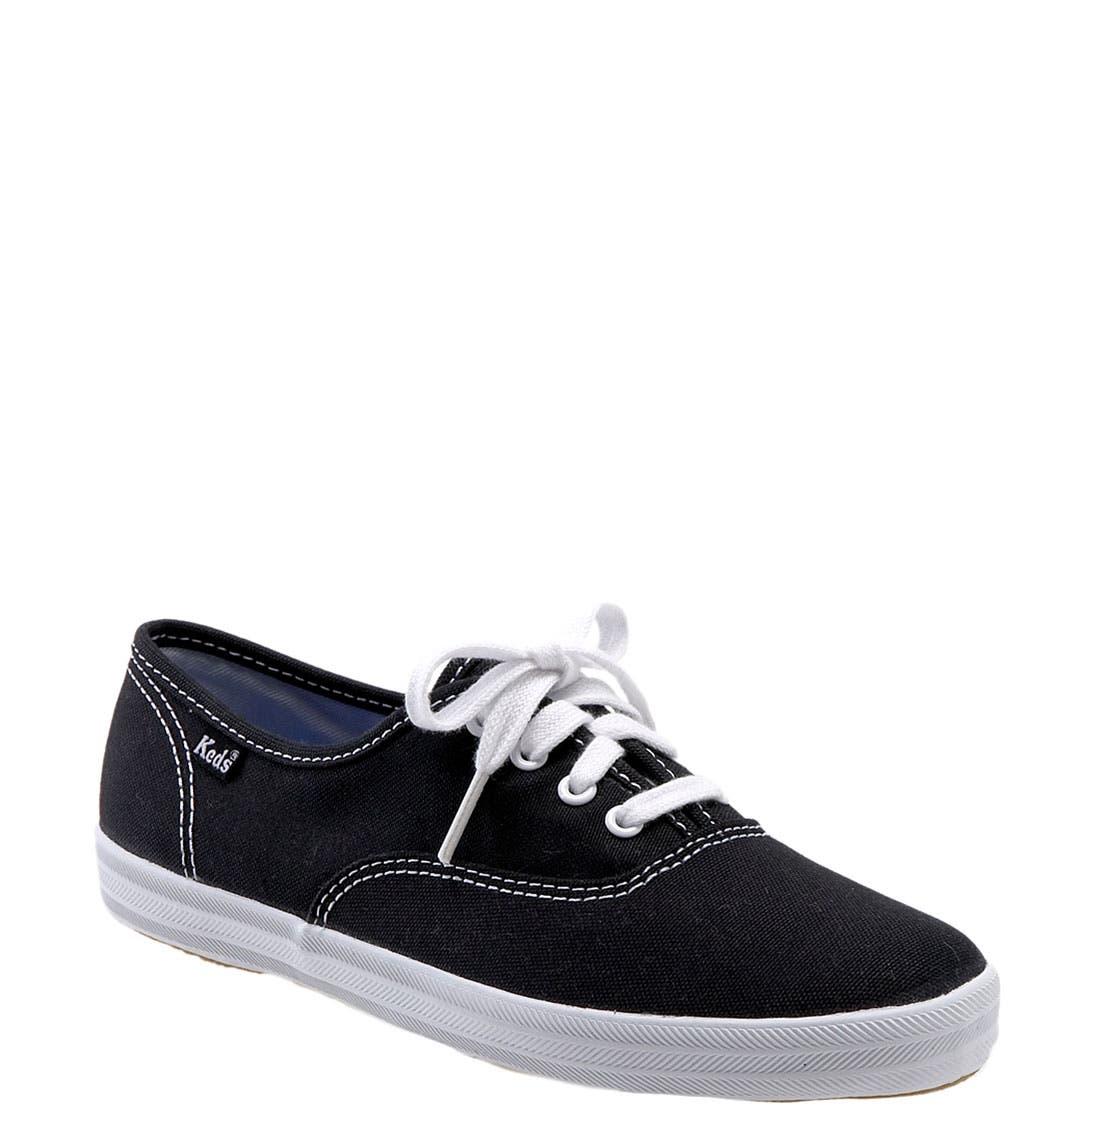 Donna Keds® Scarpe Scarpe Scarpe da Ginnastica & In esecuzione scarpe   Nordstrom 587a9b